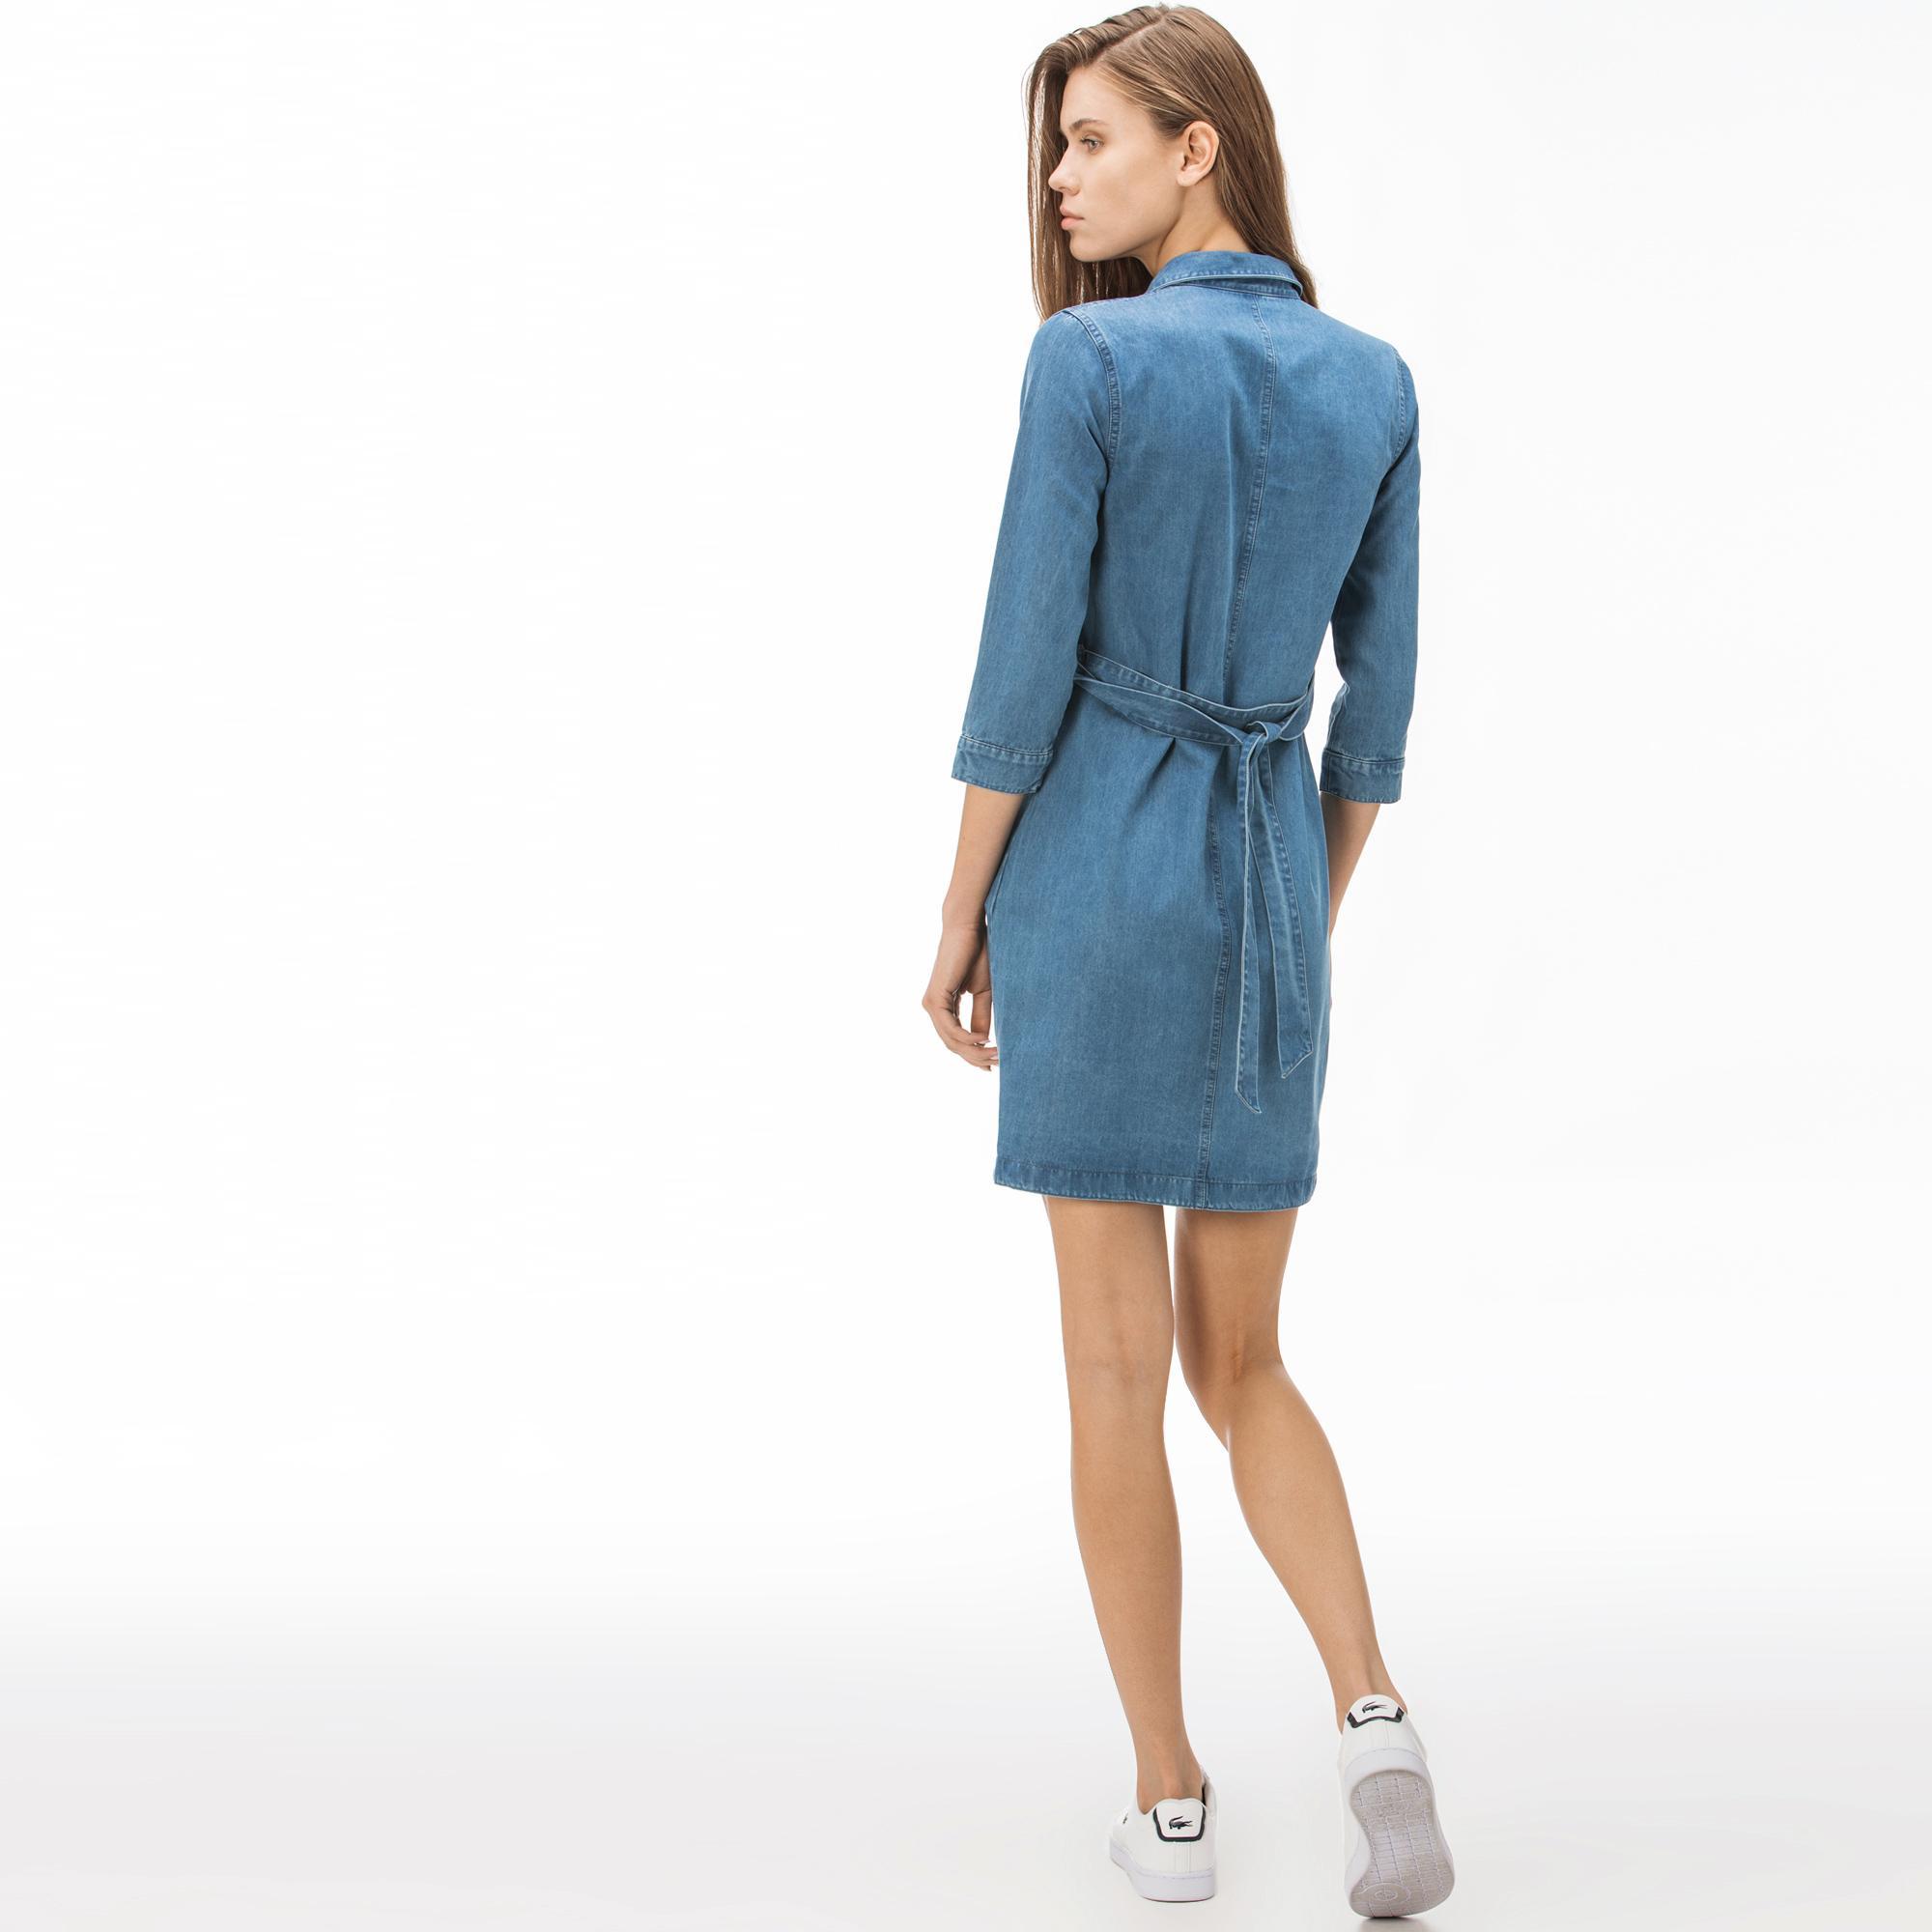 Lacoste Kadın Denim Elbise